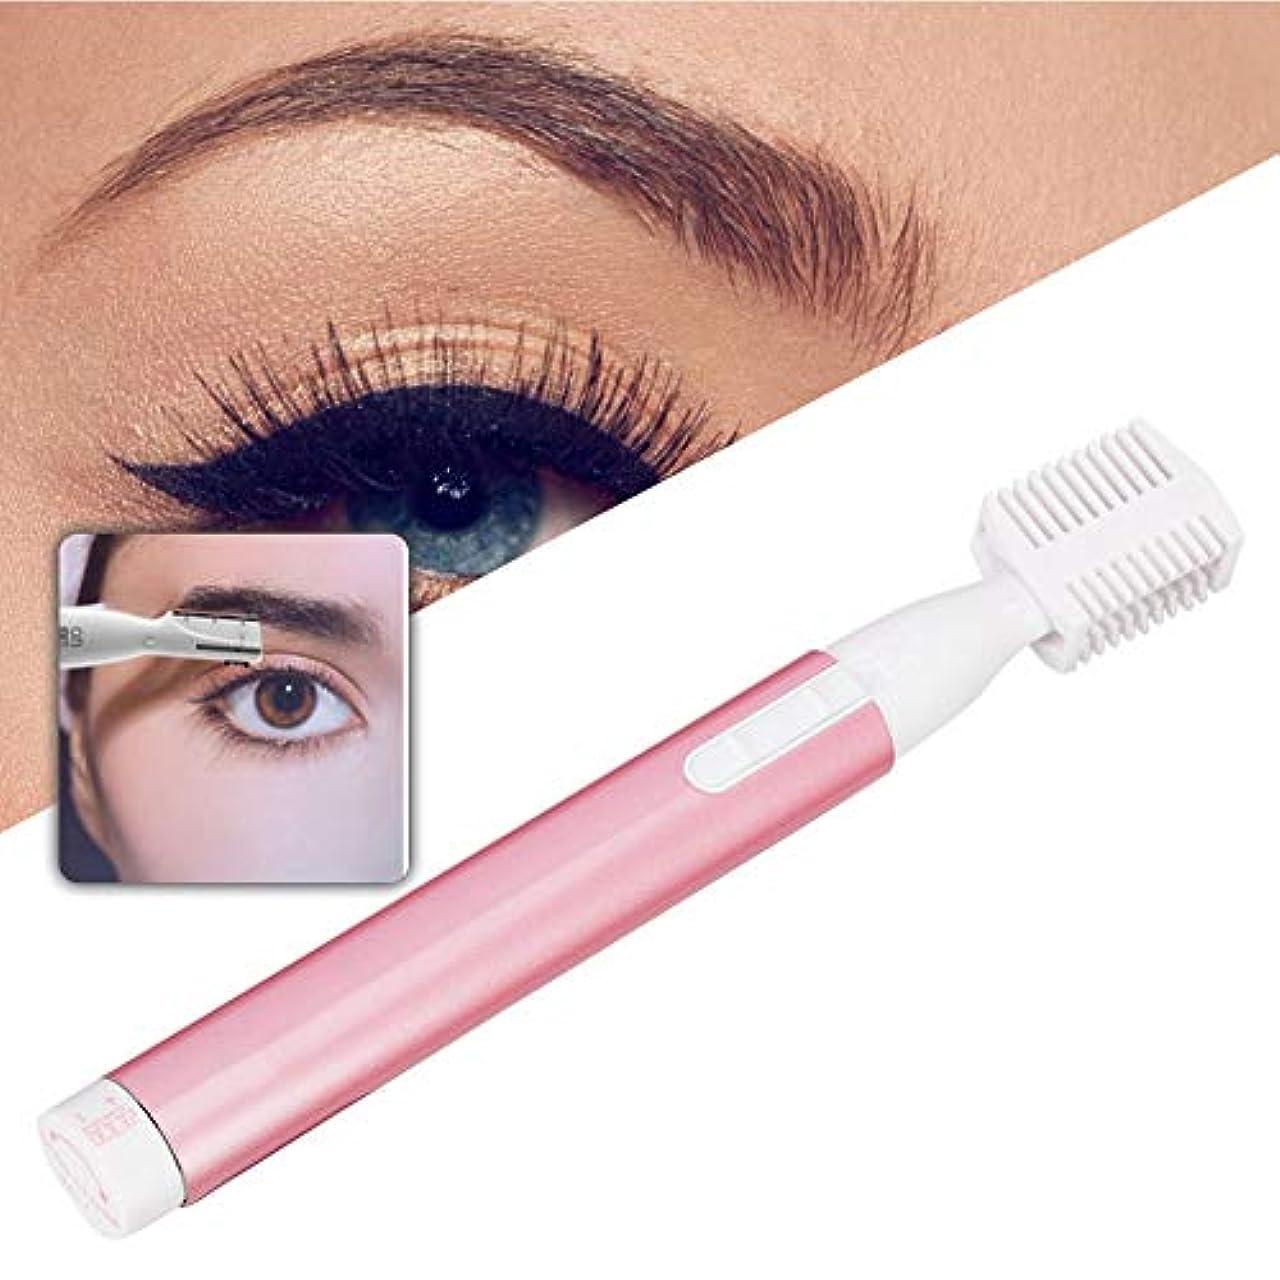 口蓮棚女性 顔の毛の除去剤 携帯用 電気顔 毛の除去剤 眉毛のトリマーシェーバー用具